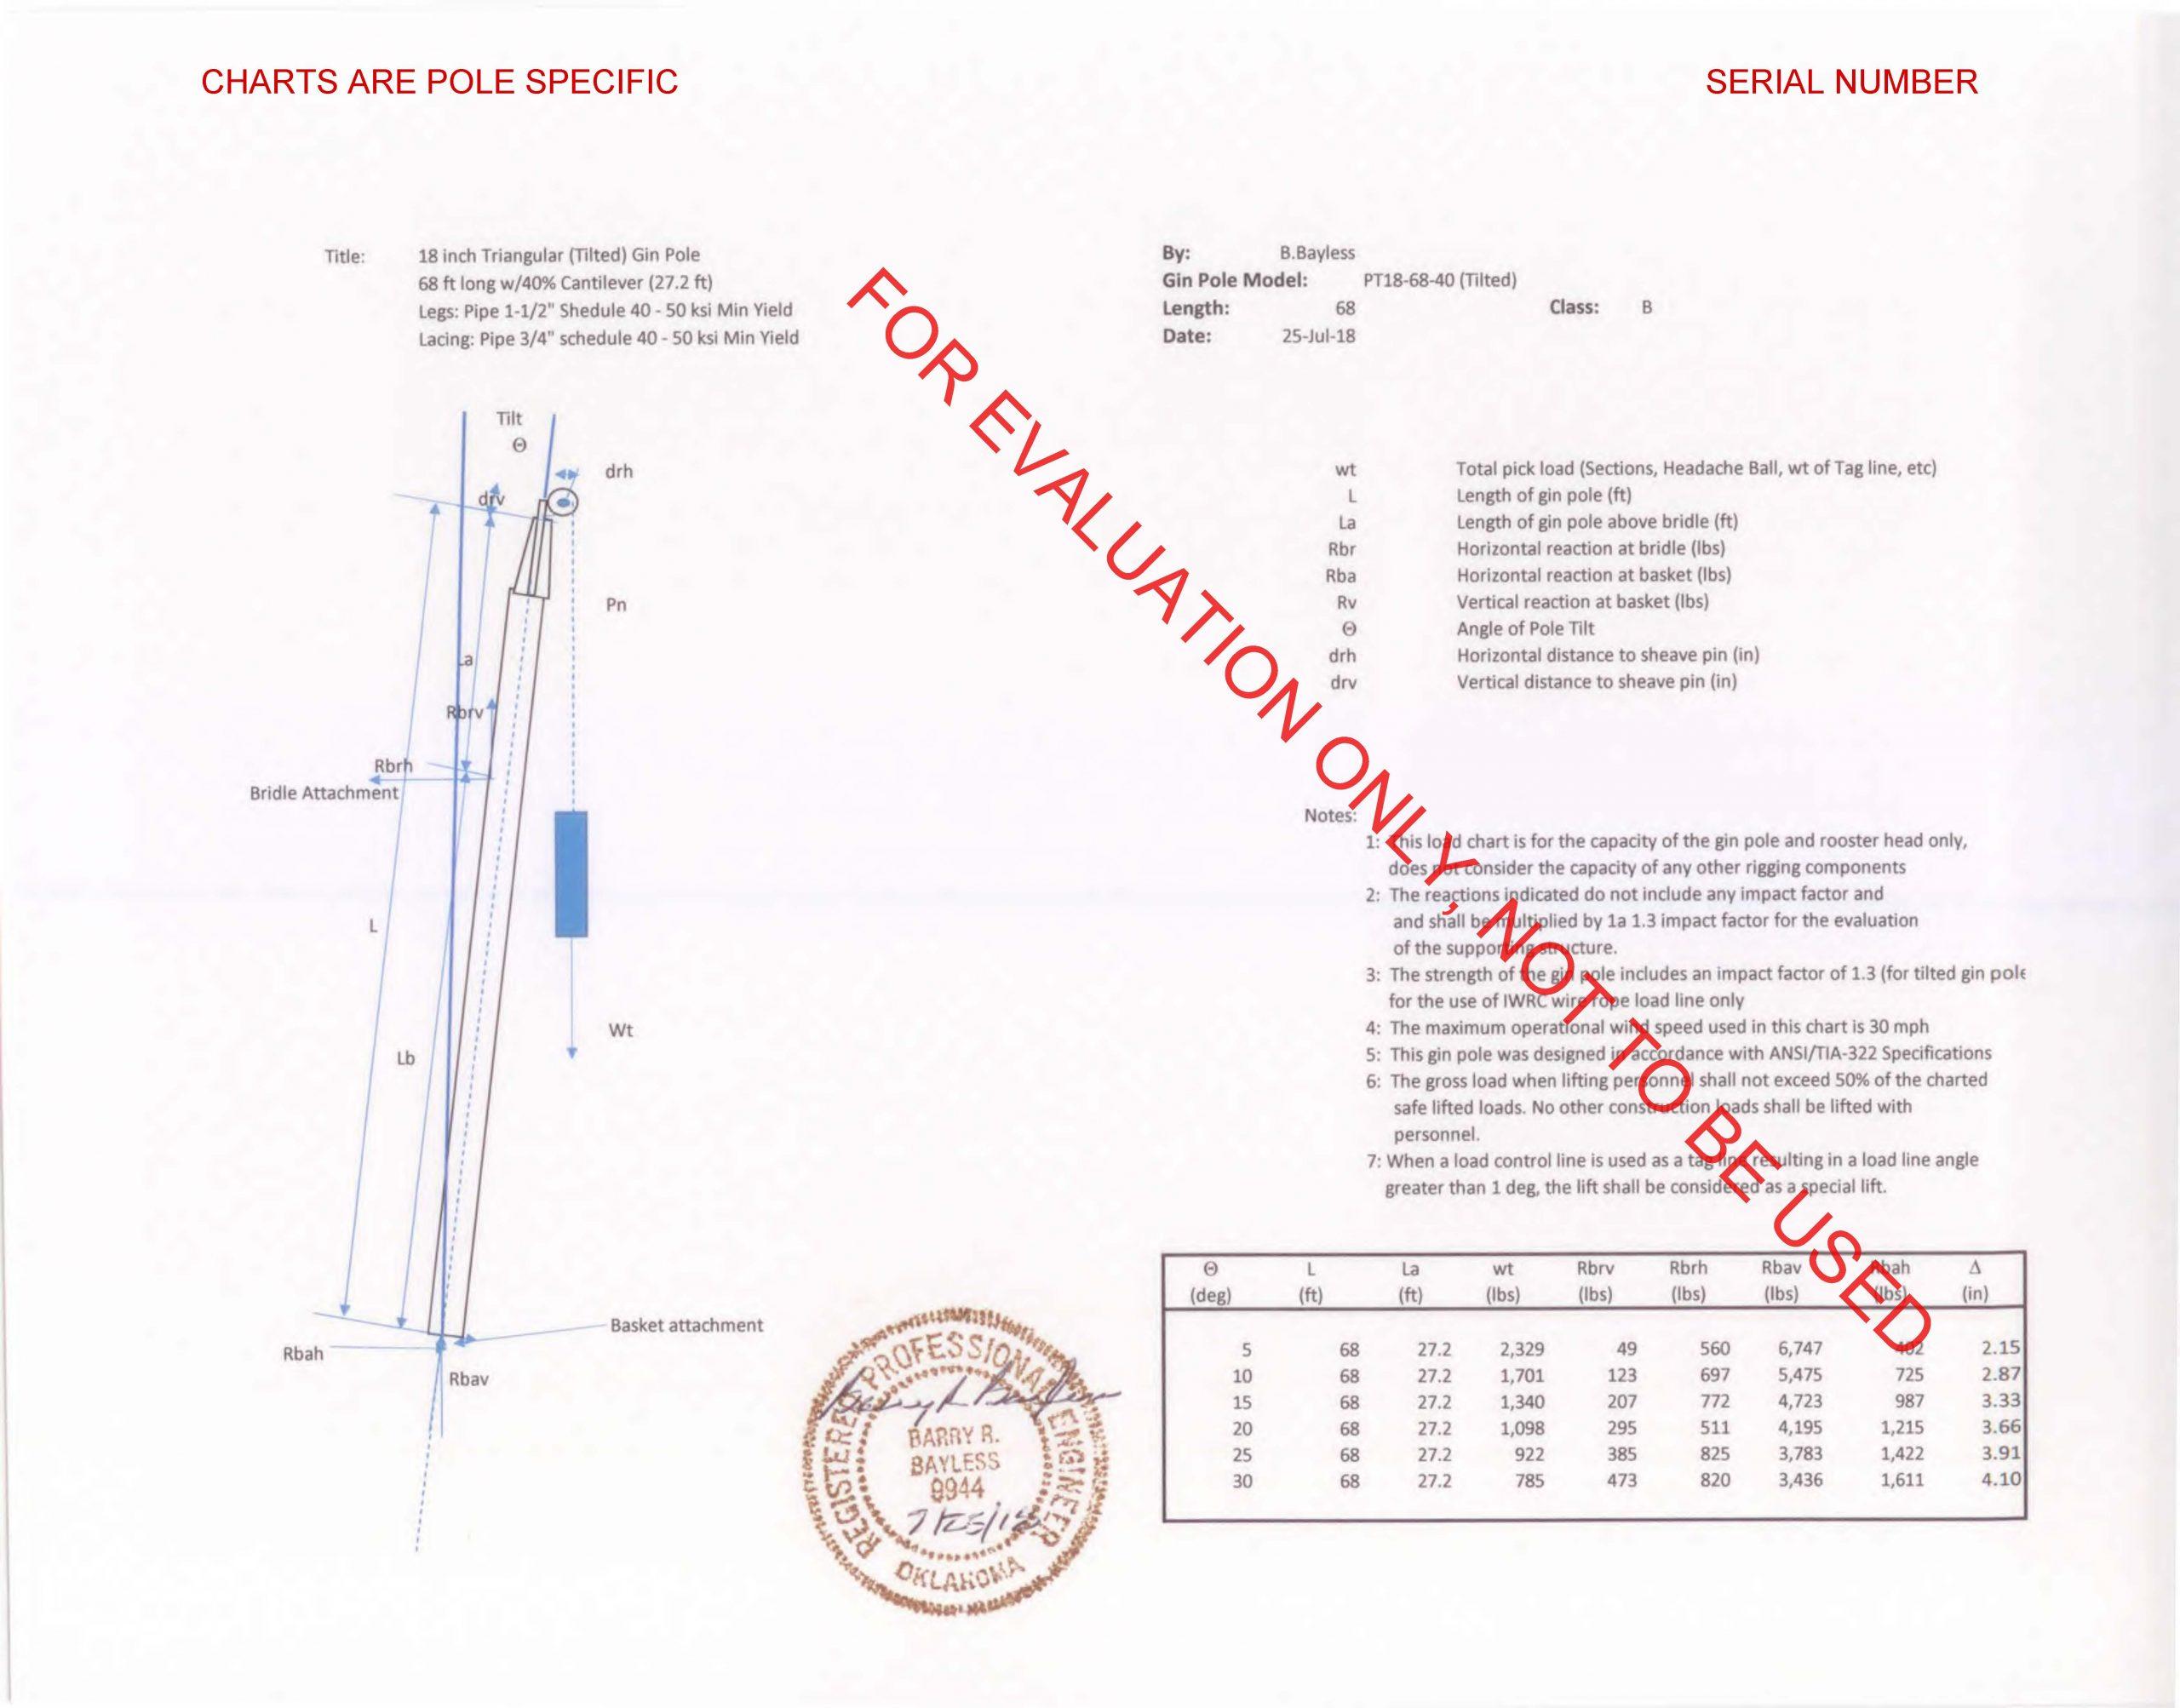 PT18-68 (Tilted) Stamped_Page_3